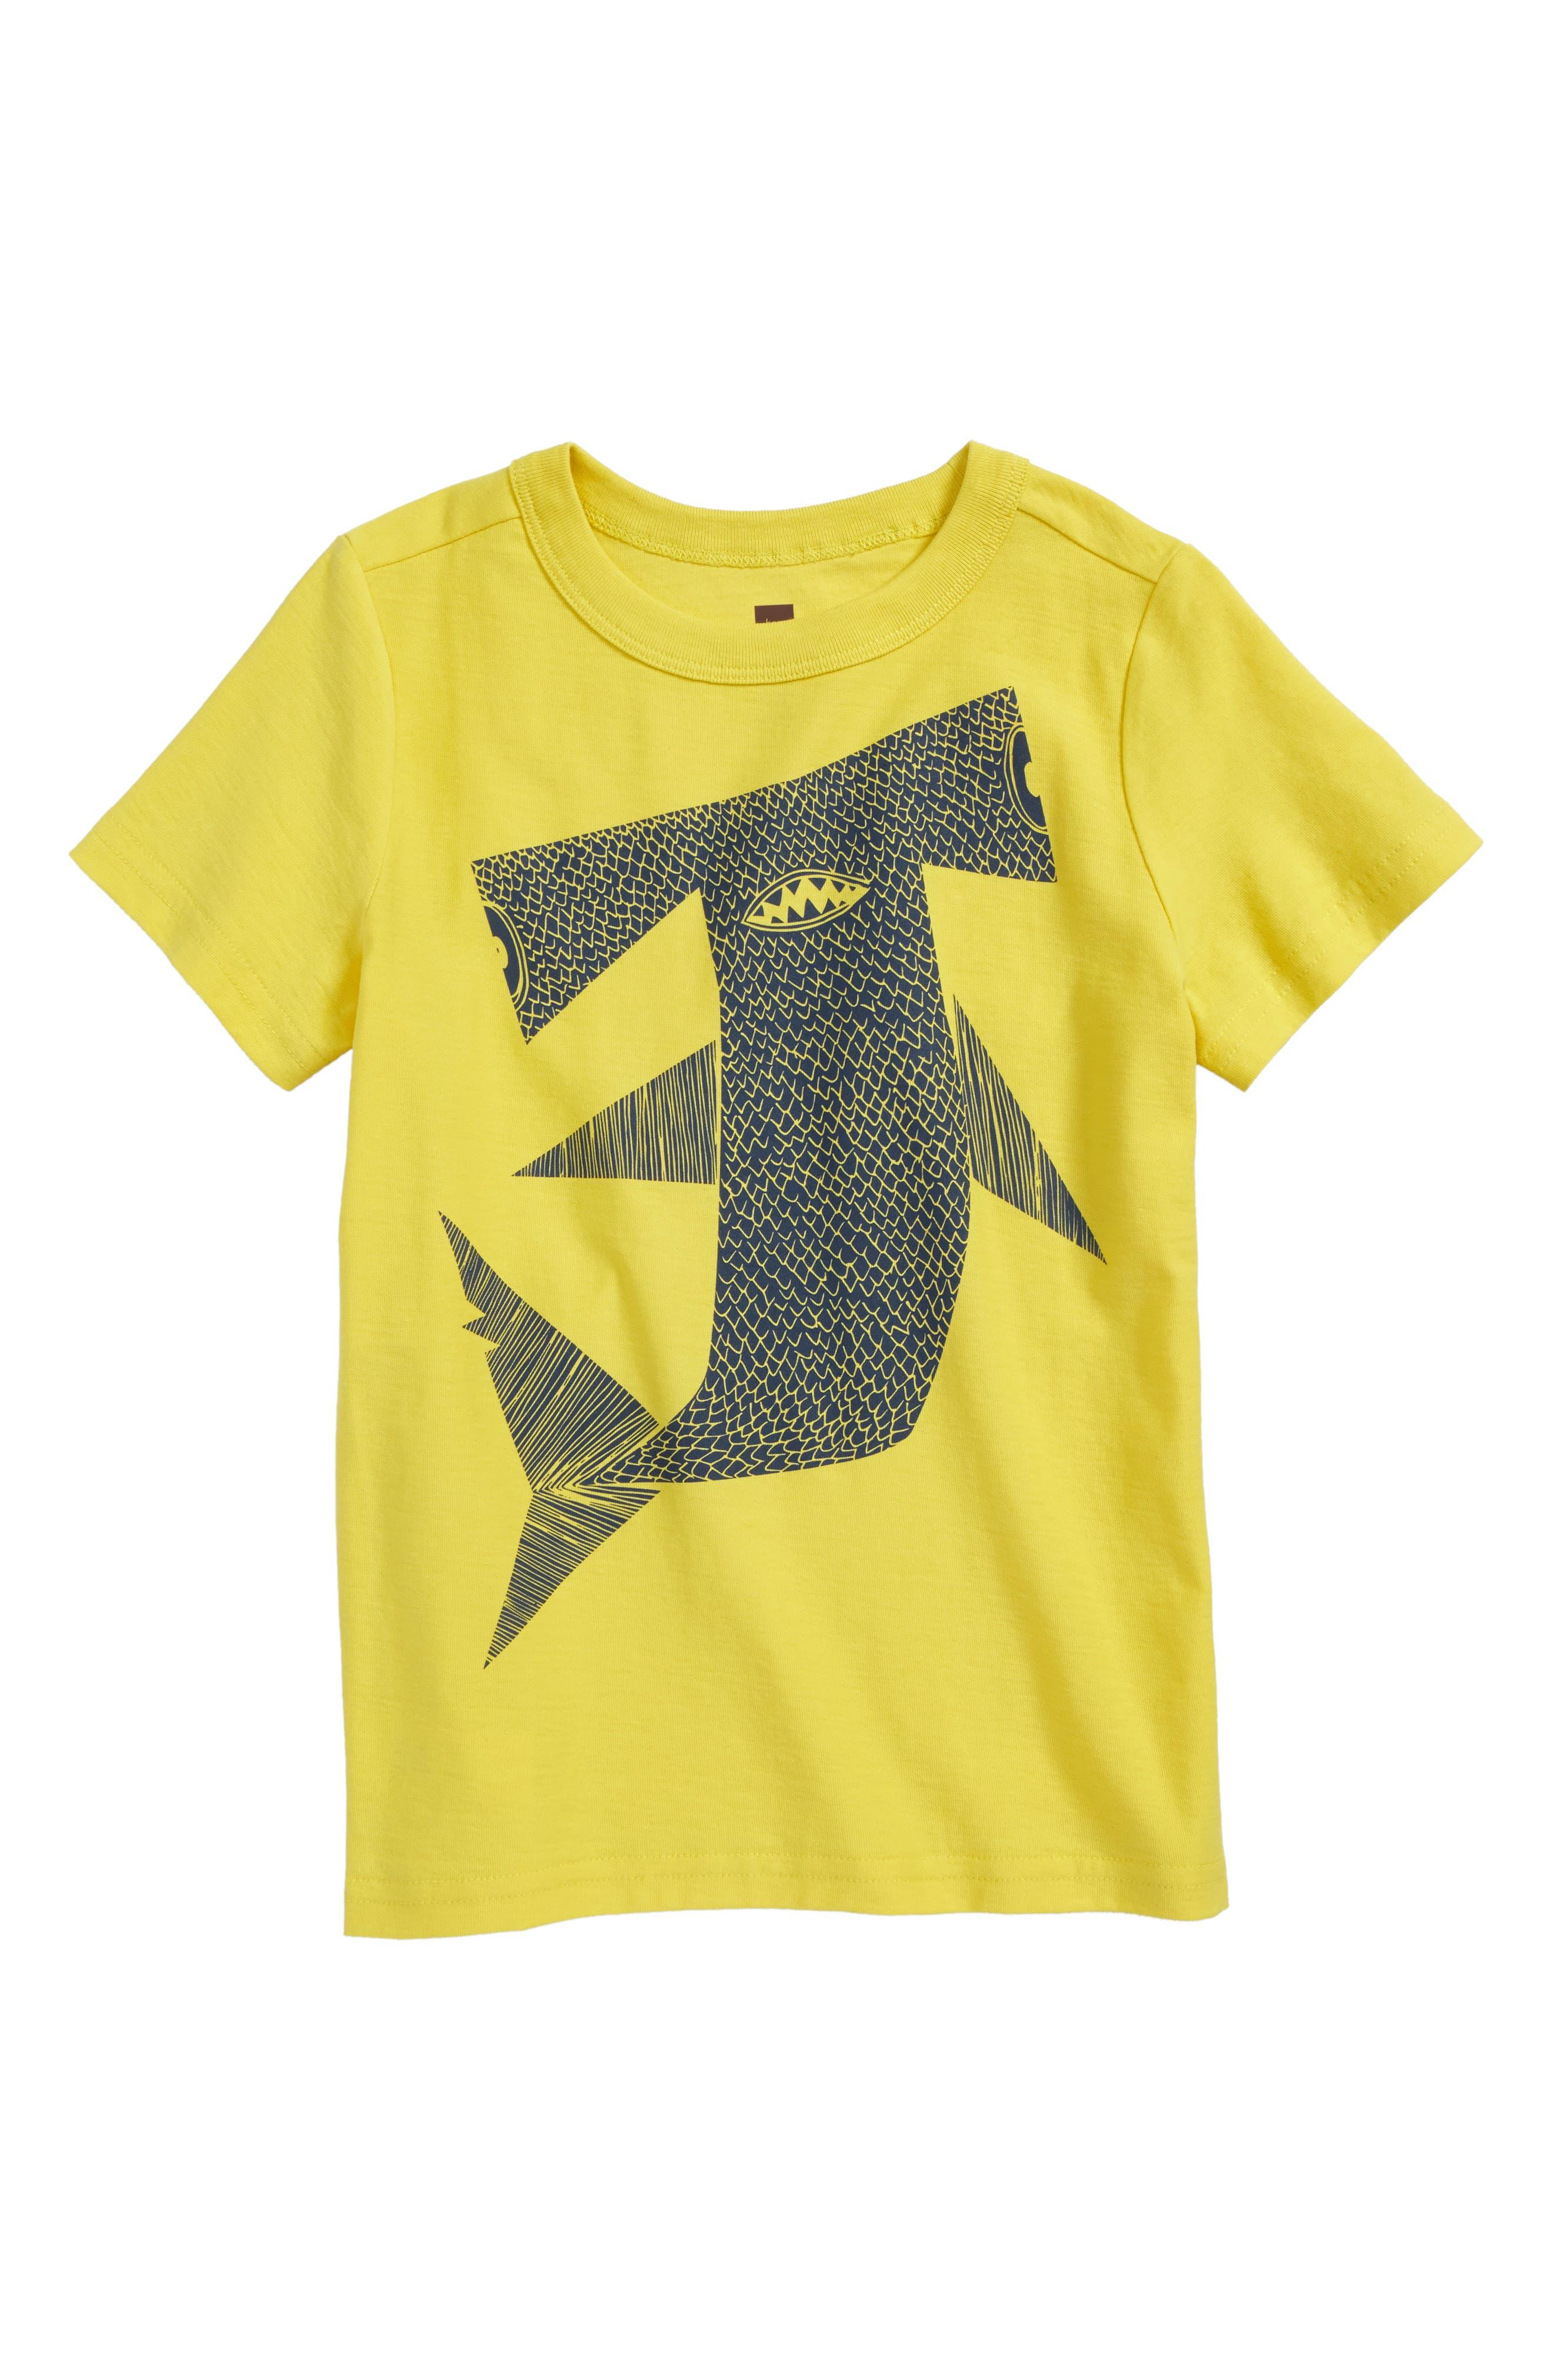 Hammer Time T-Shirt,                             Main thumbnail 1, color,